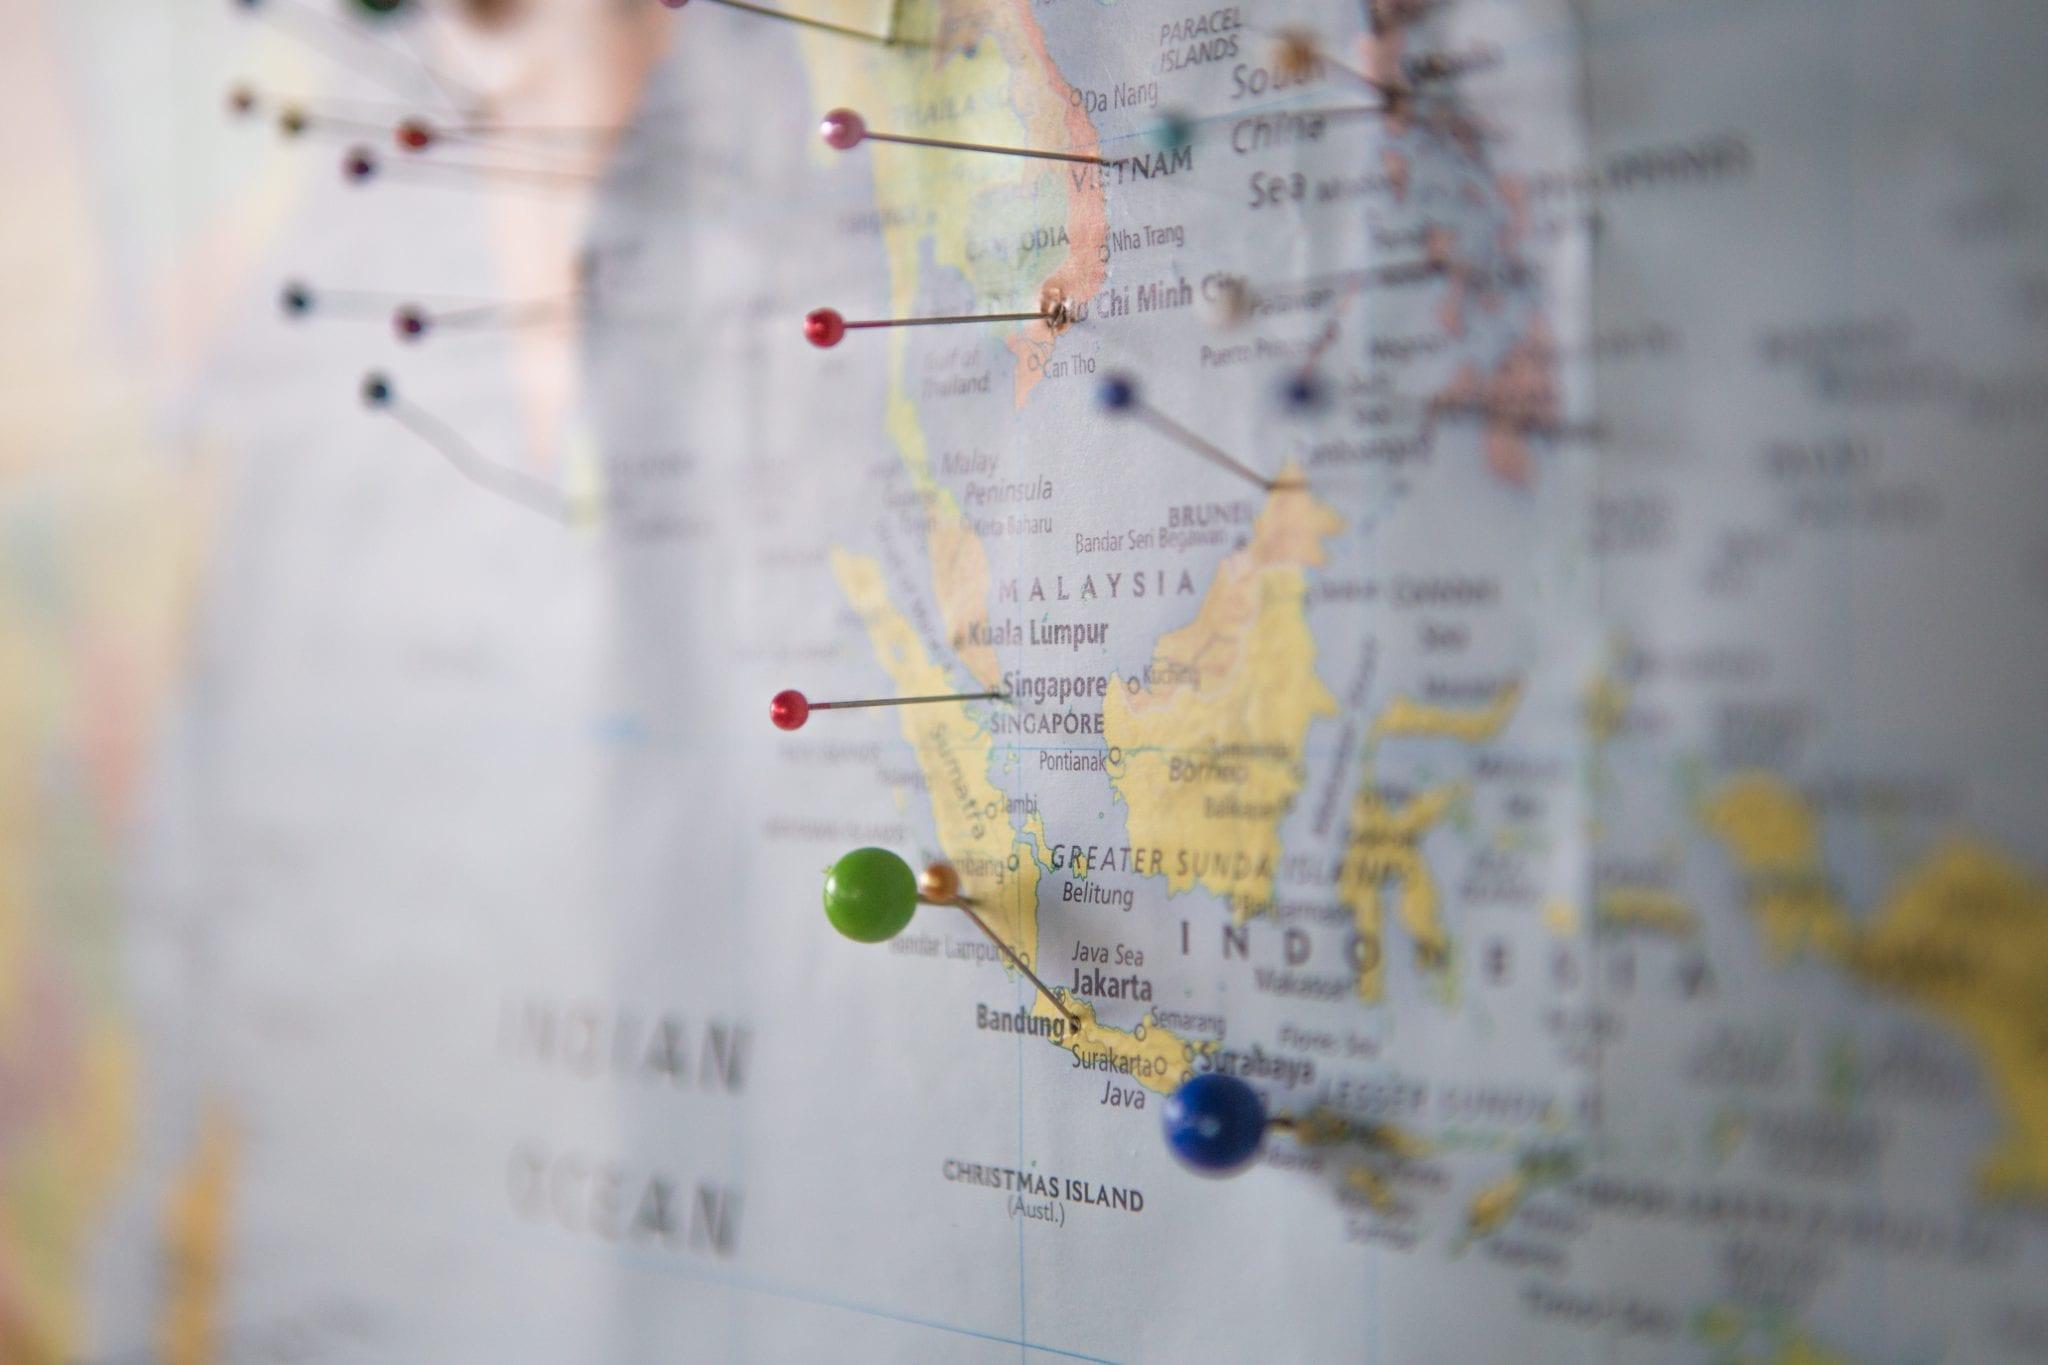 เที่ยวไหนดี ไปเที่ยวไหนดี ประเทศน่าเที่ยว เที่ยวต่างประเทศที่ไหนดี